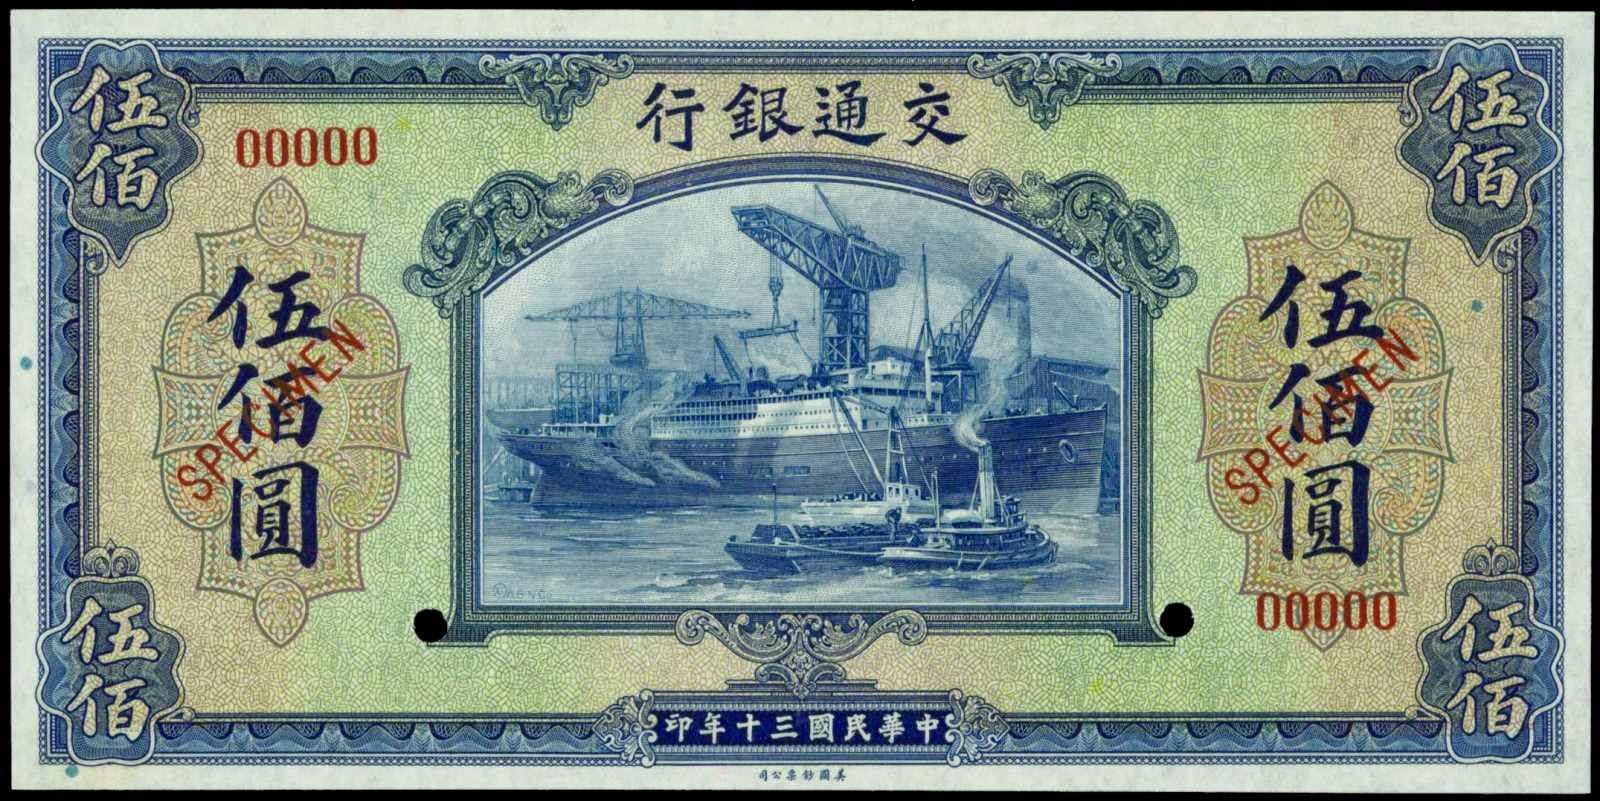 China Banknotes 500 Yuan note 1941 Bank of Communications - large passenger ship